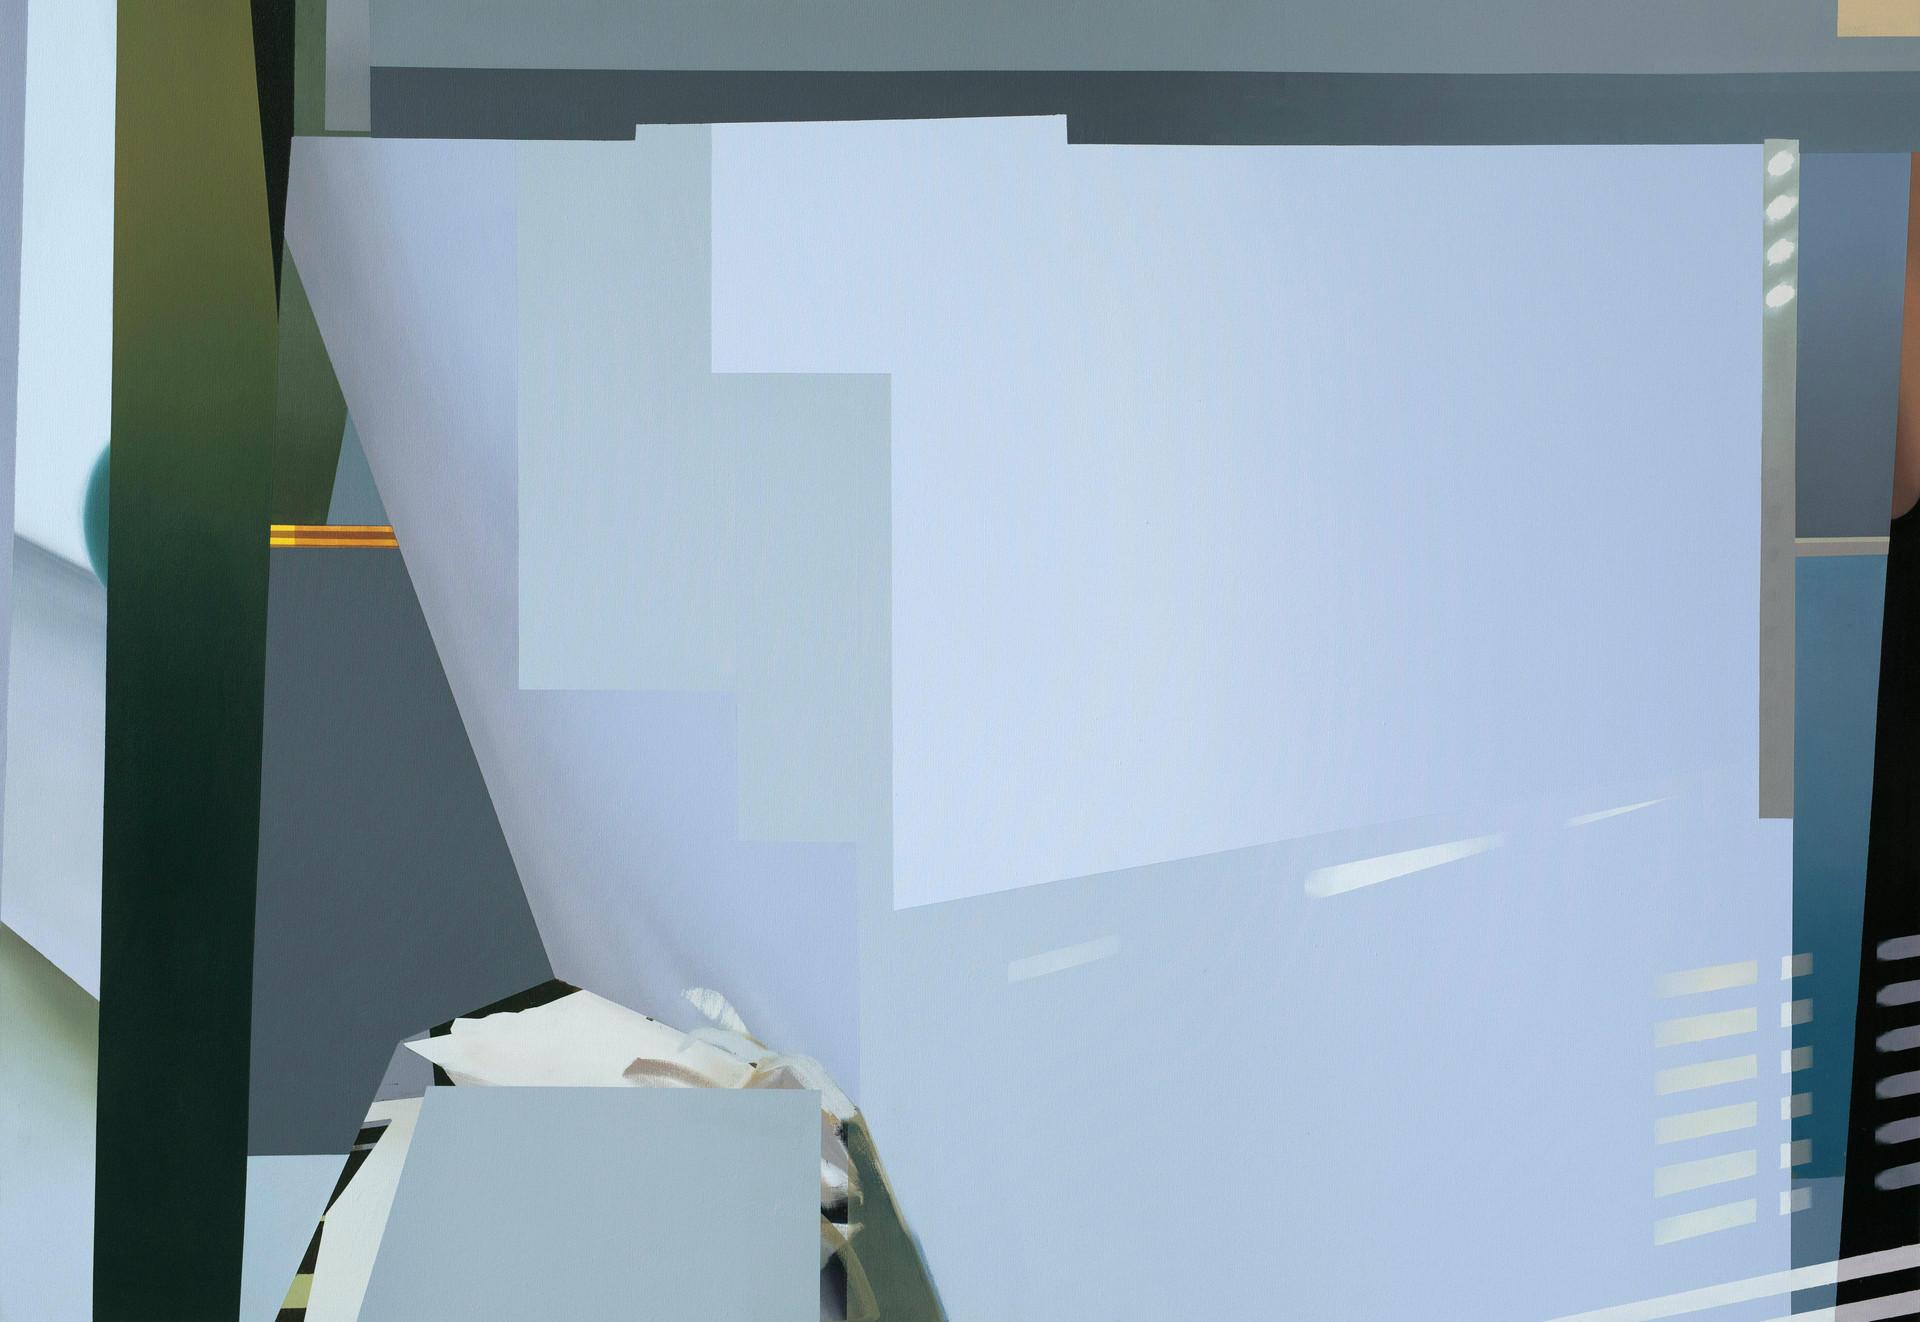 24-02-16-04, oil and acrylic on canvas, 195 x 135 cm, 2019